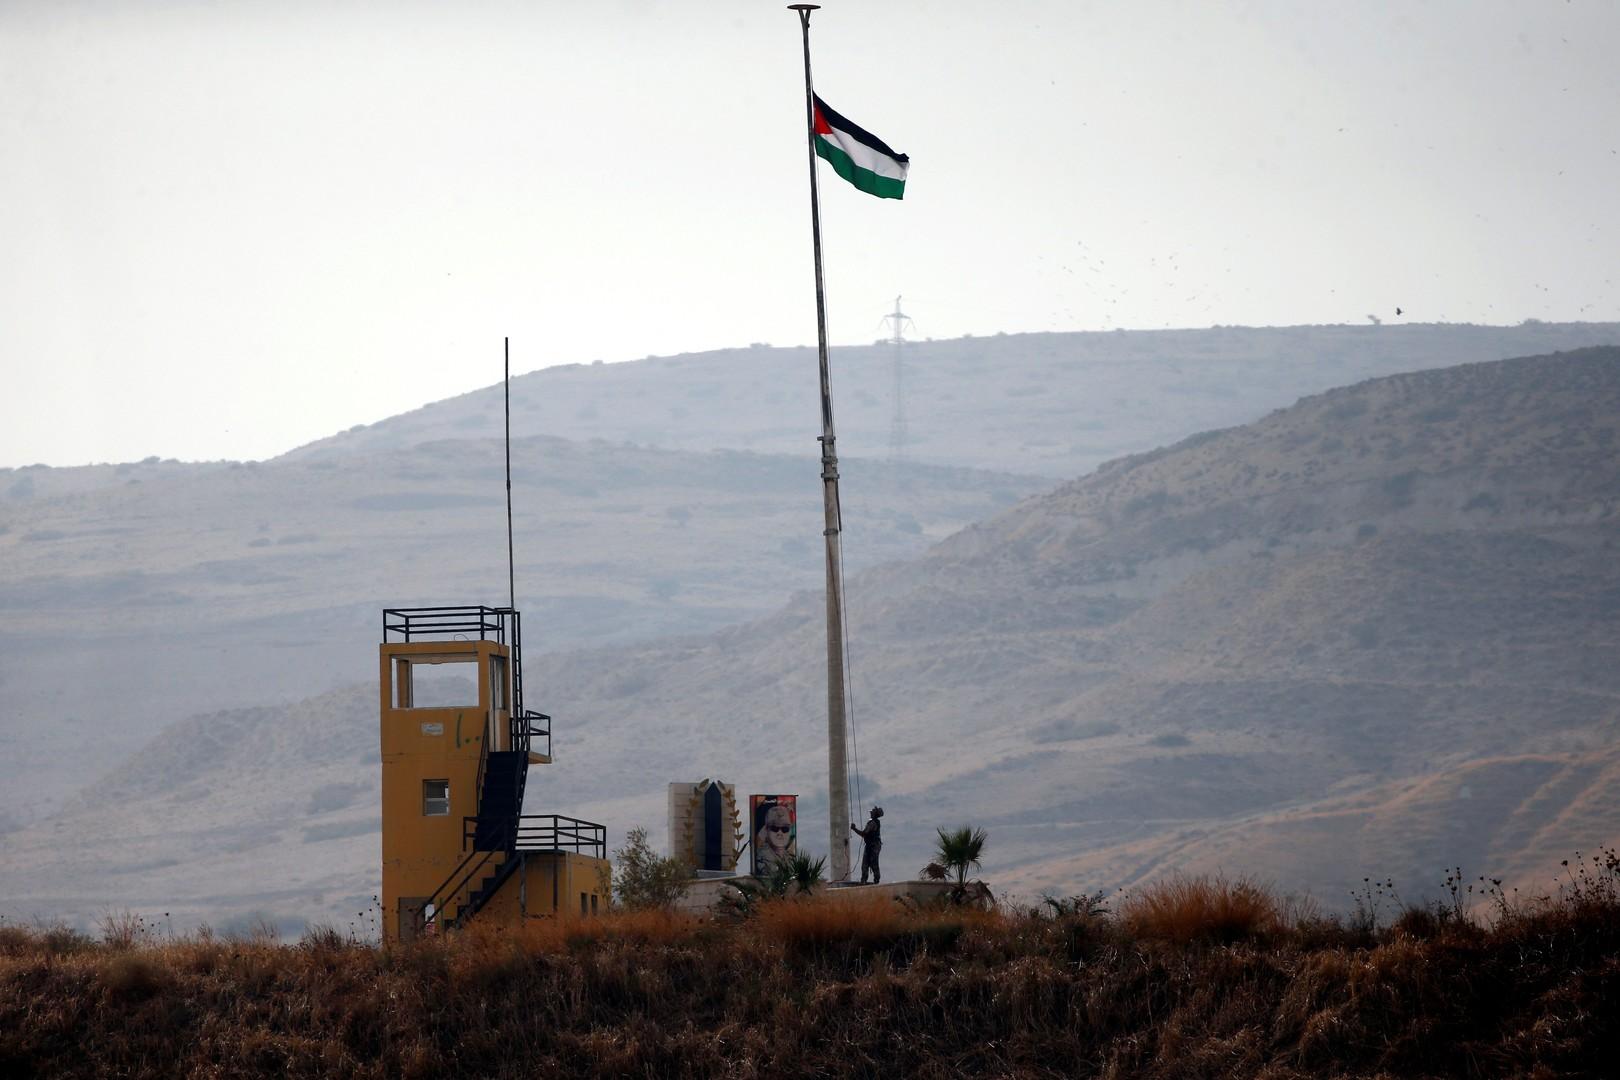 الأردن ينكس الأعلام 3 أيام حدادا على وفاة الرئيس التونسي